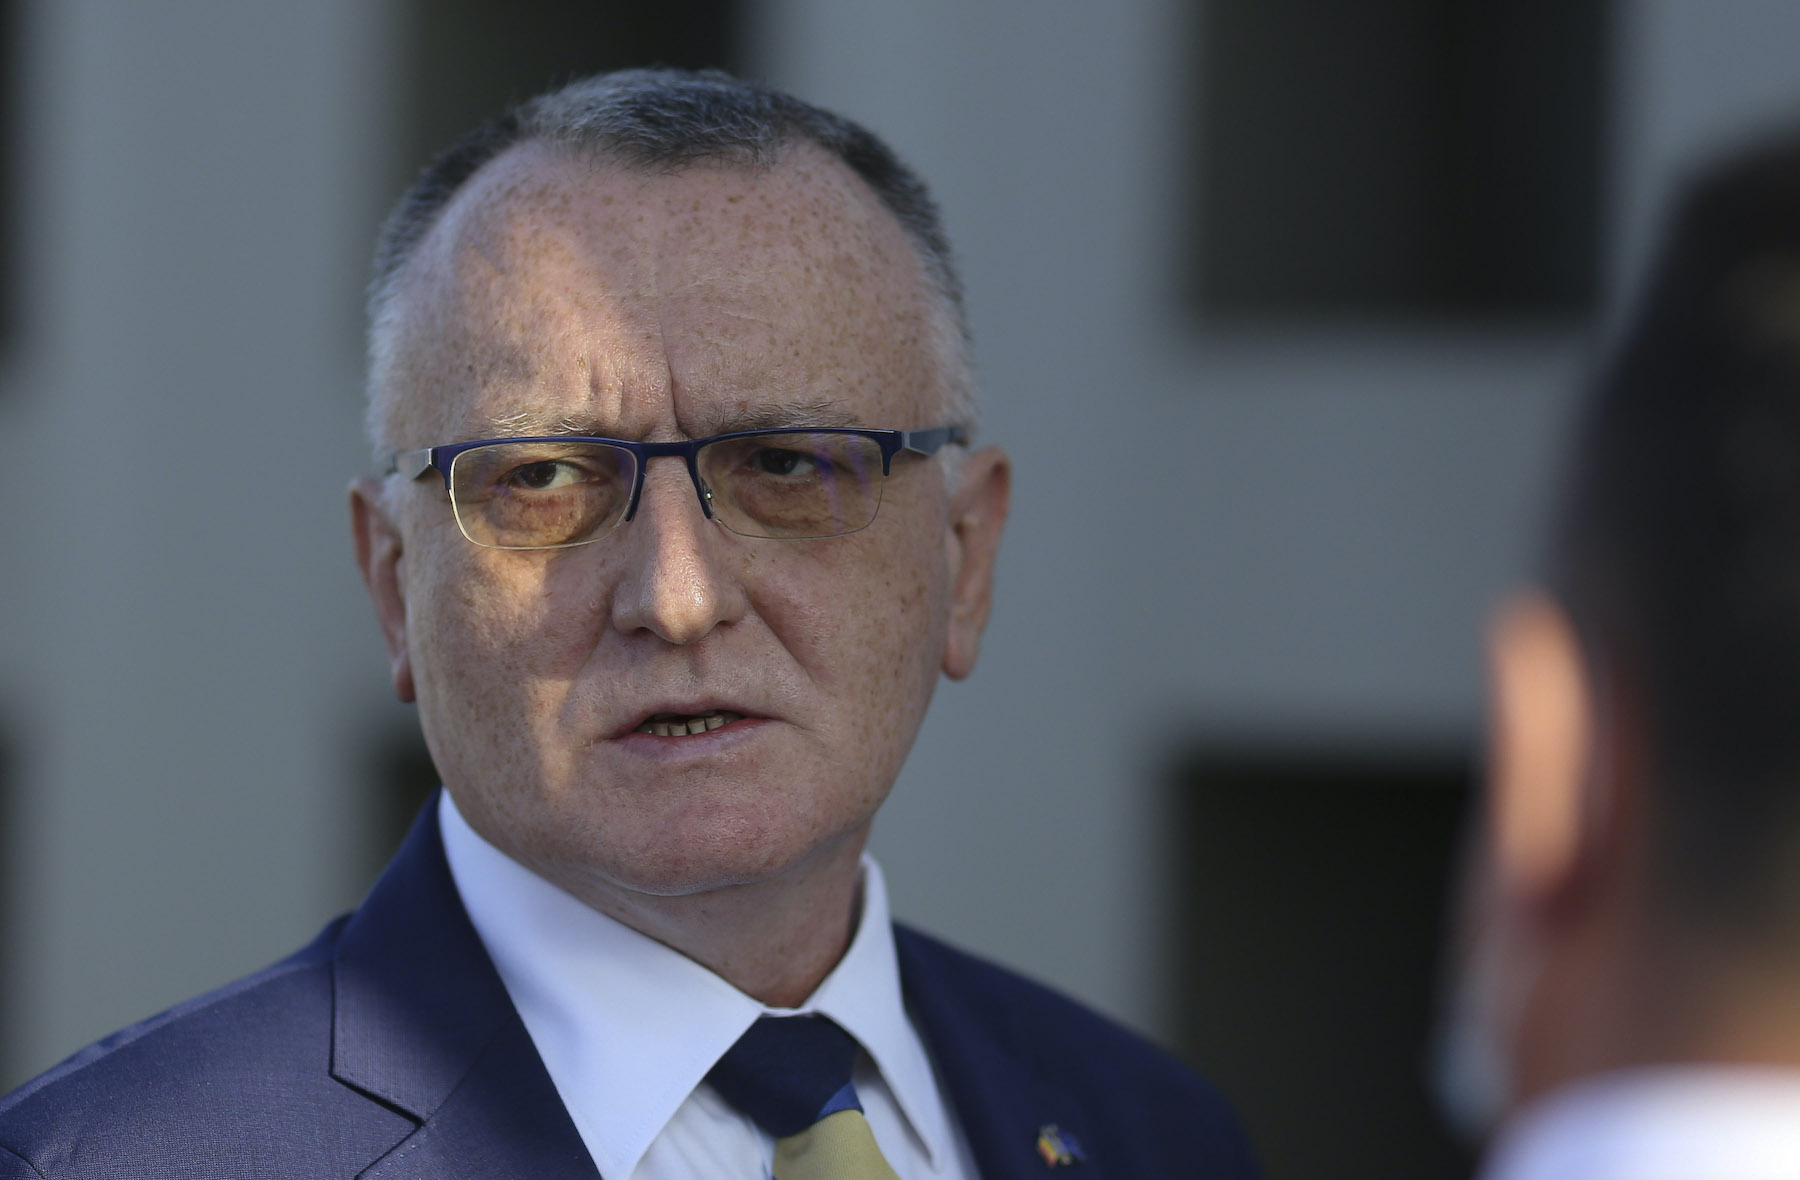 Ministrul Educației despre Alexandru Cumpănașu: Factor perturbator care induce dezechilibre majore